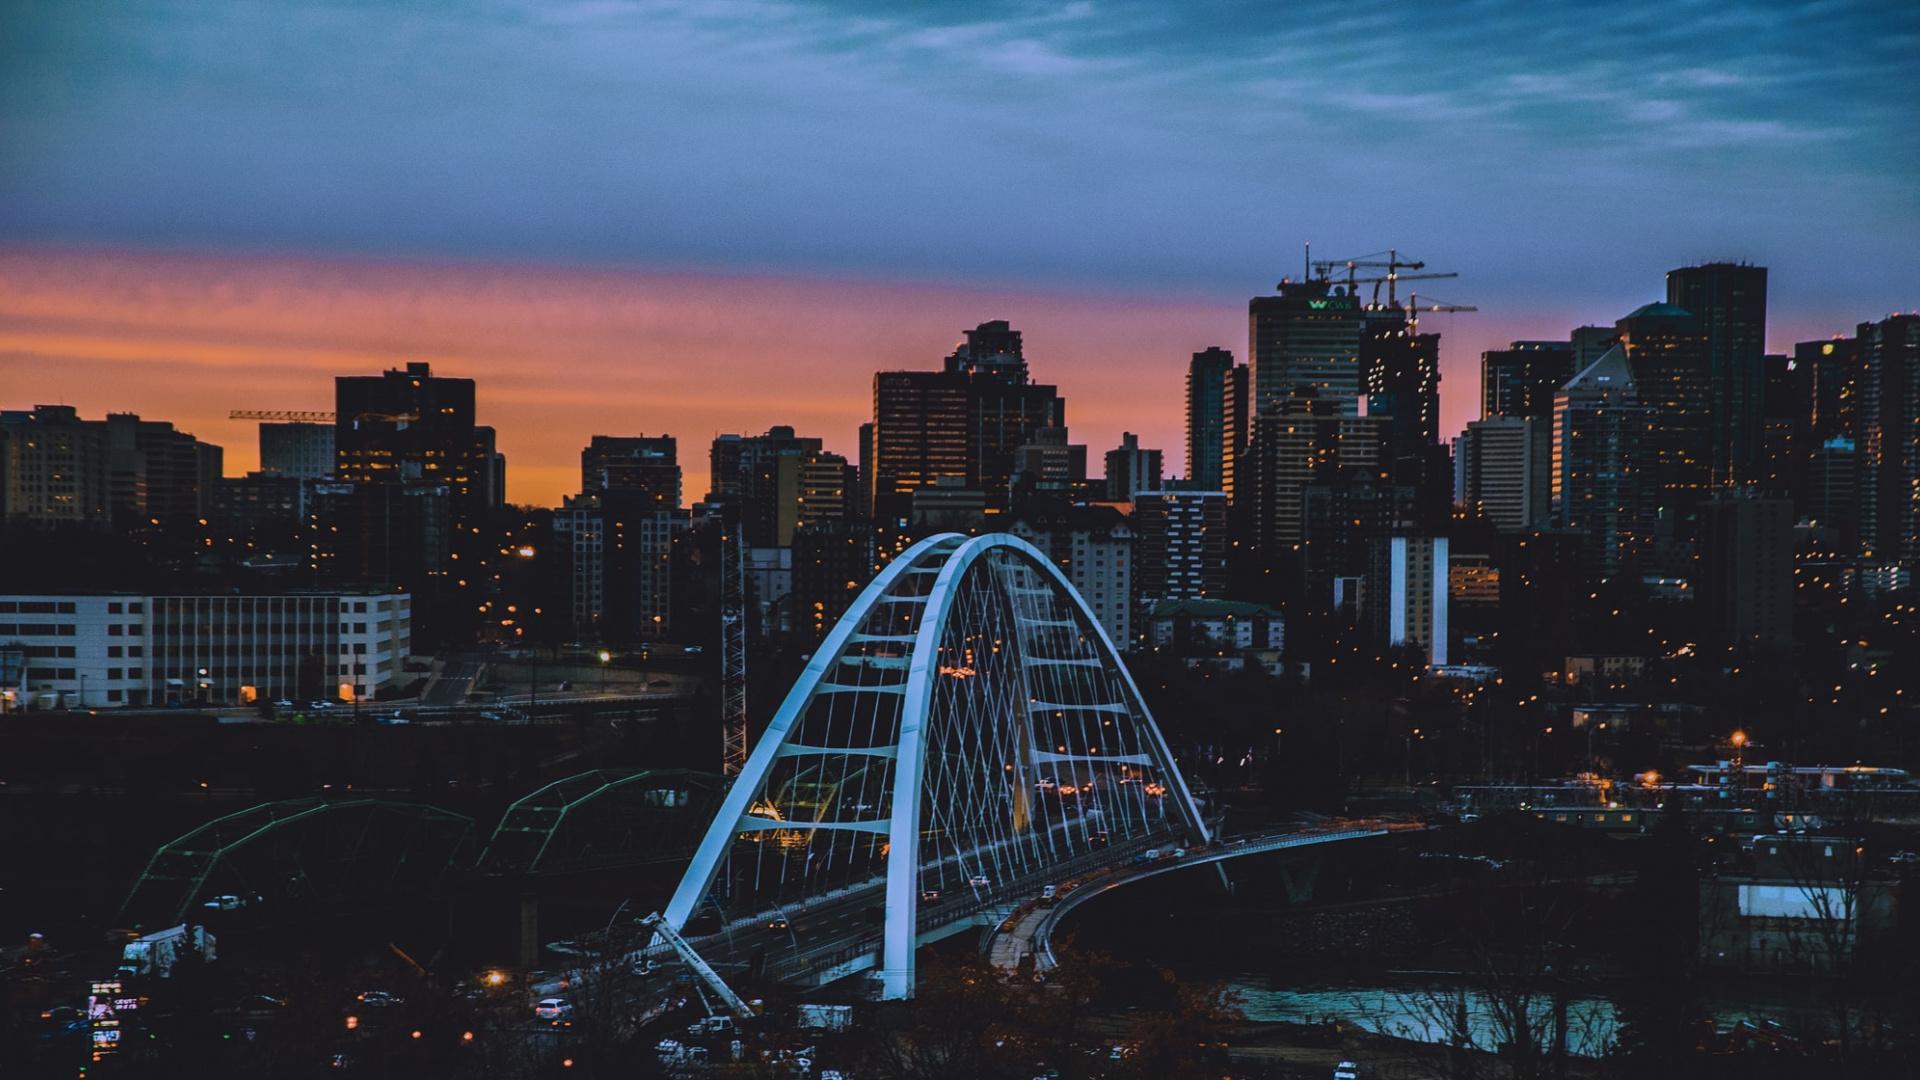 Edmonton, Alberta at sunset